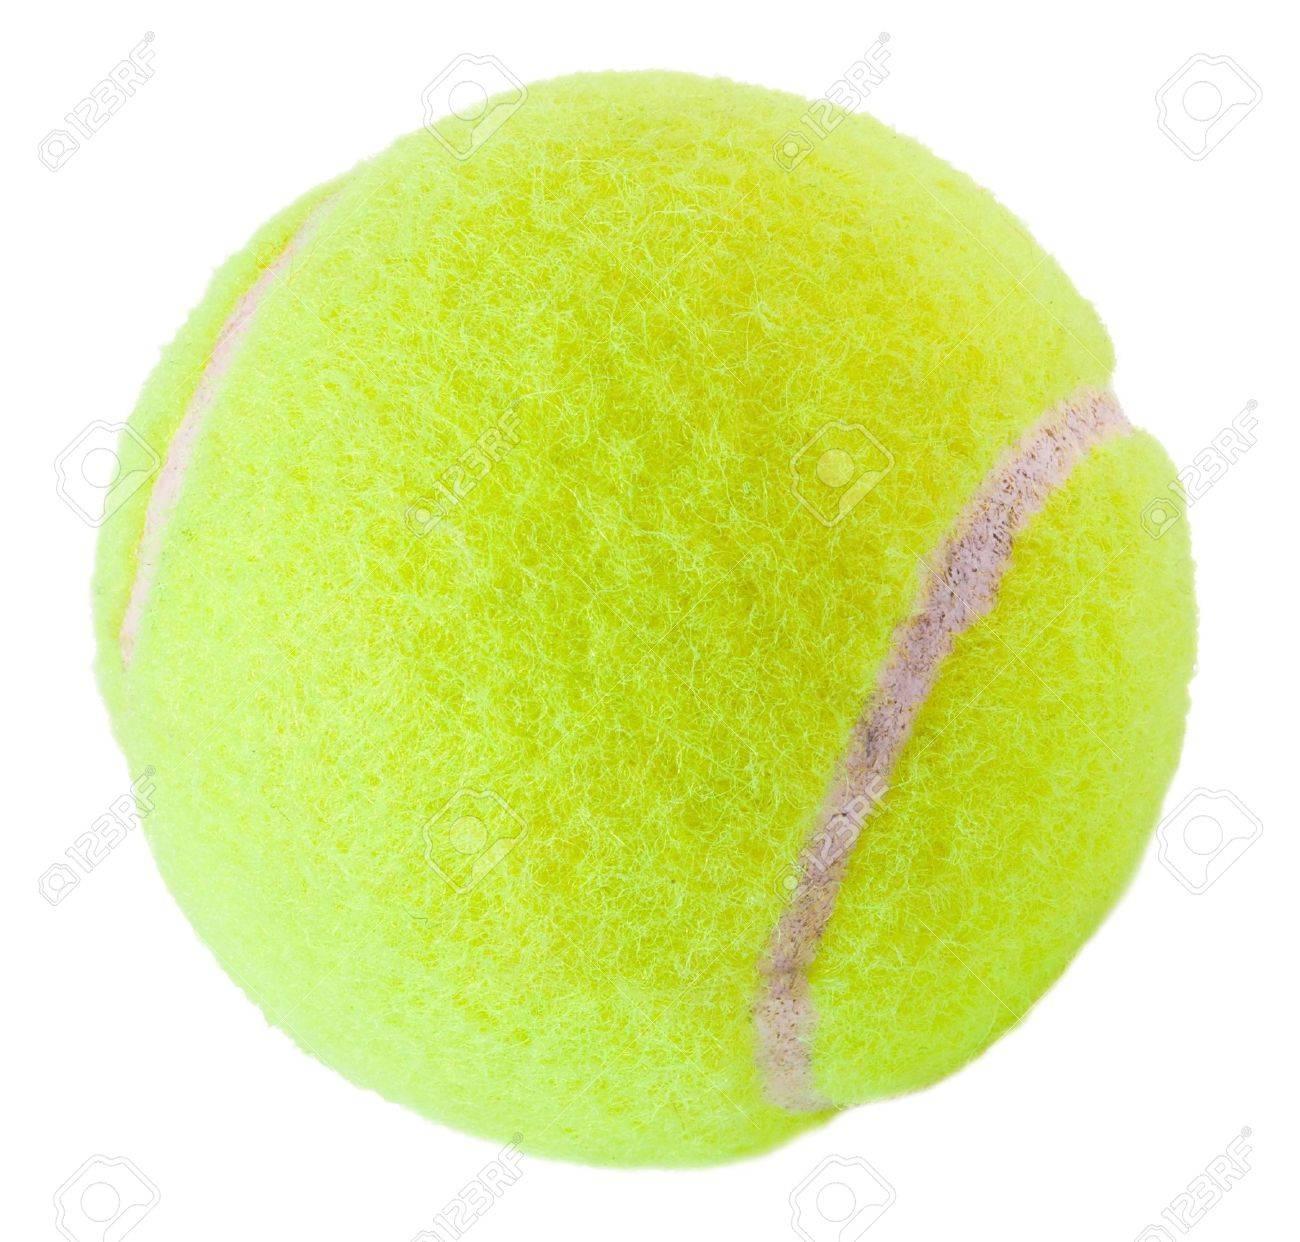 Tennis ball mascot stock photos tennis ball mascot stock photography - Tennis Ball Tennis Ball On The White Stock Photo